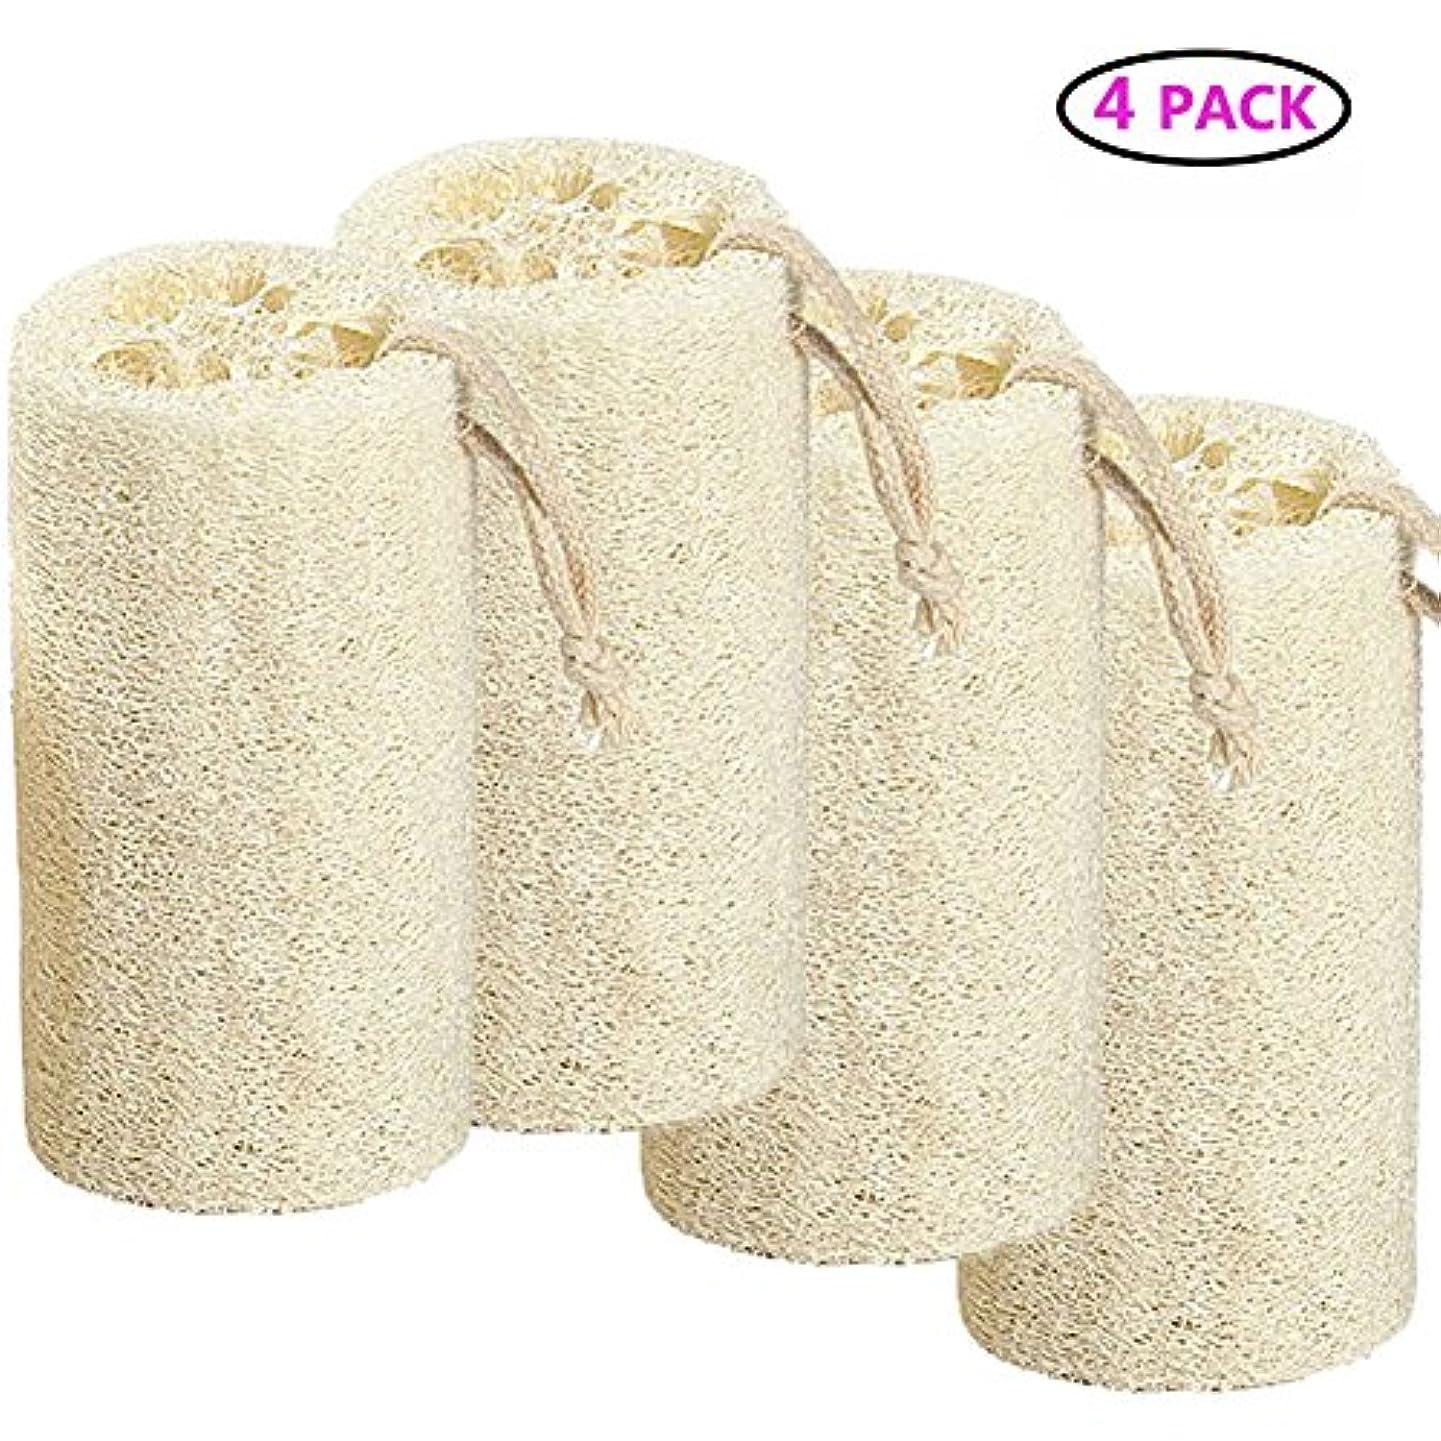 滅びる絶縁する前文Natural Loofah バスボディスポンジバスルームシャワーエクスフォレイティングスクラバーブラシボディスパマッサージャー 10cm (4 pack)